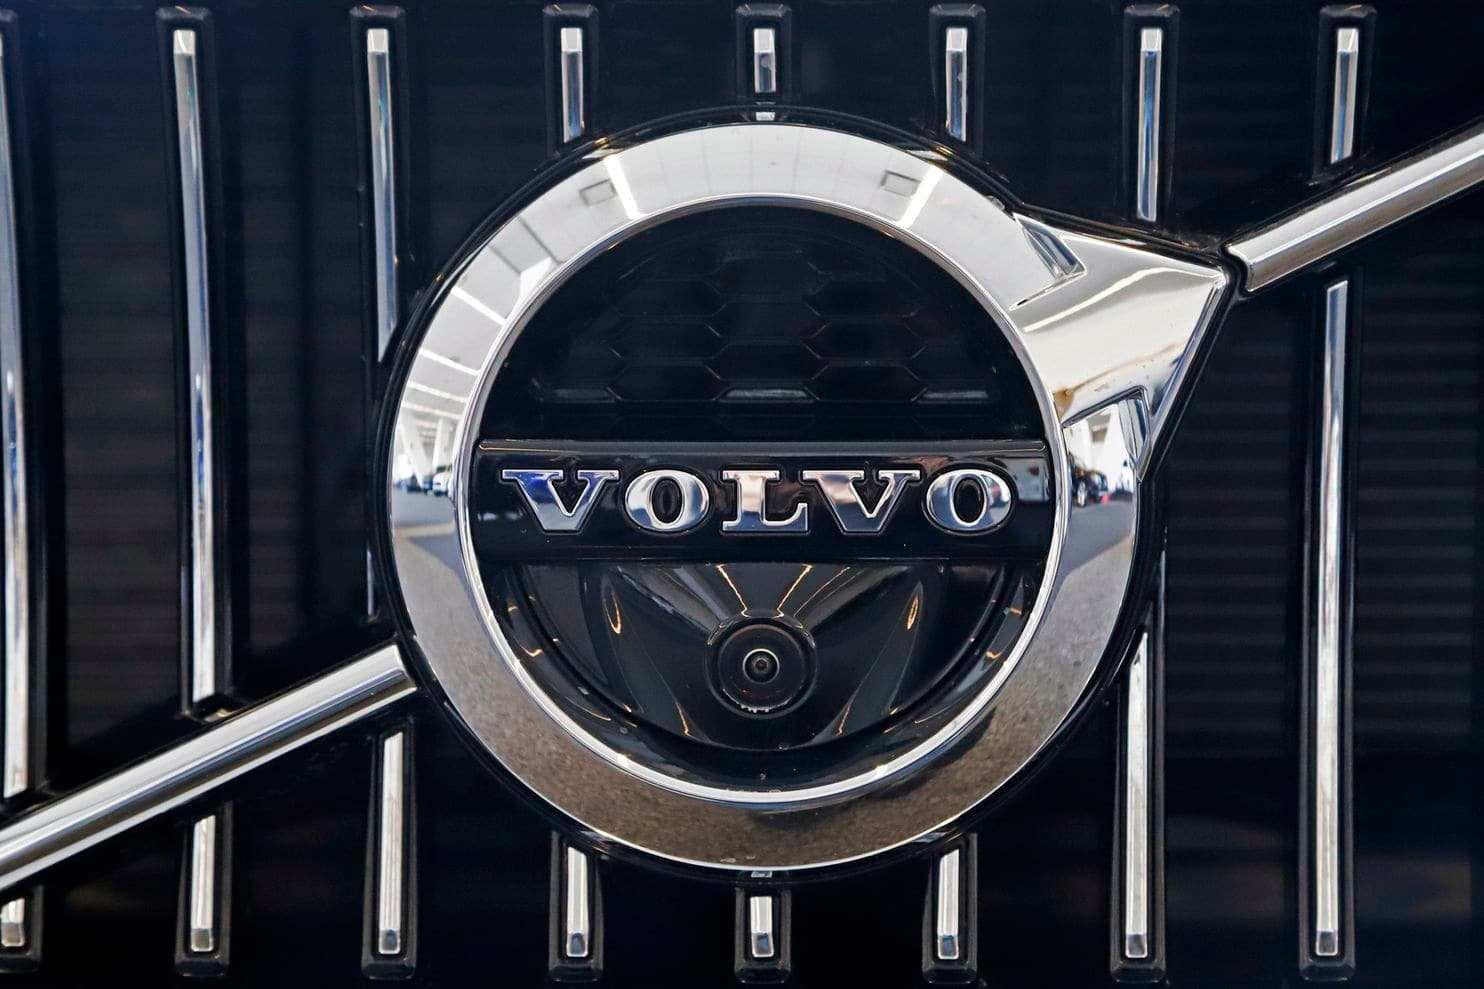 61 New Volvo 2020 Plan Model by Volvo 2020 Plan